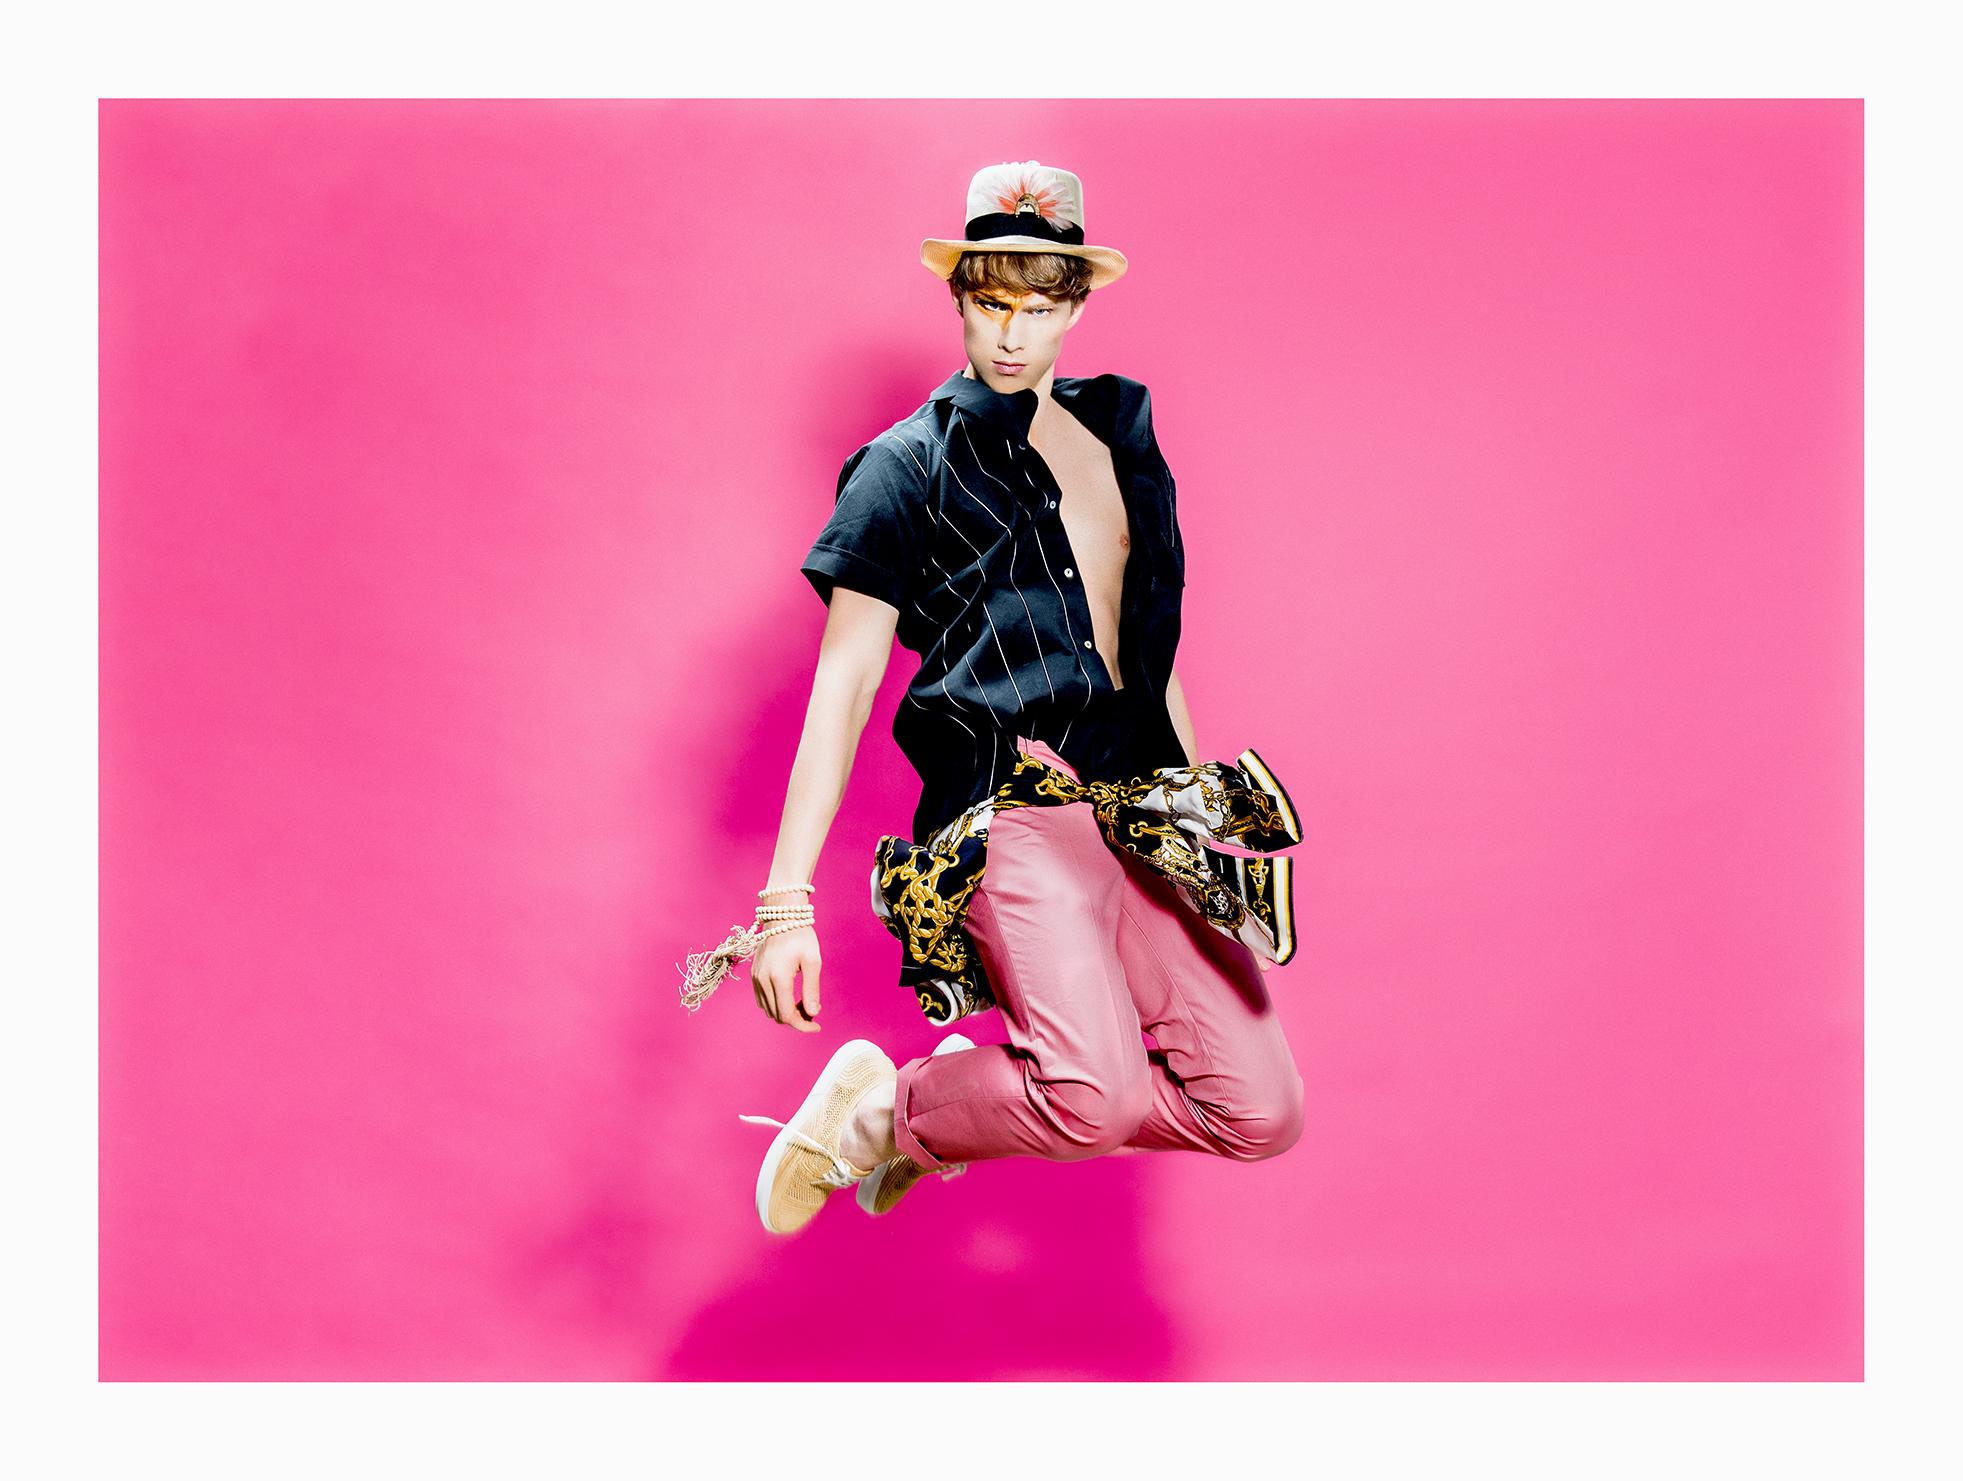 Chemises - AGNES B. ET FRENCH DEAL Pantalon - AGNES B Collier - AGNES B Chaussures - ROBERT CLERGERIE Plume chapeaux - PAULE KA Panama - THEPANAMASHOP